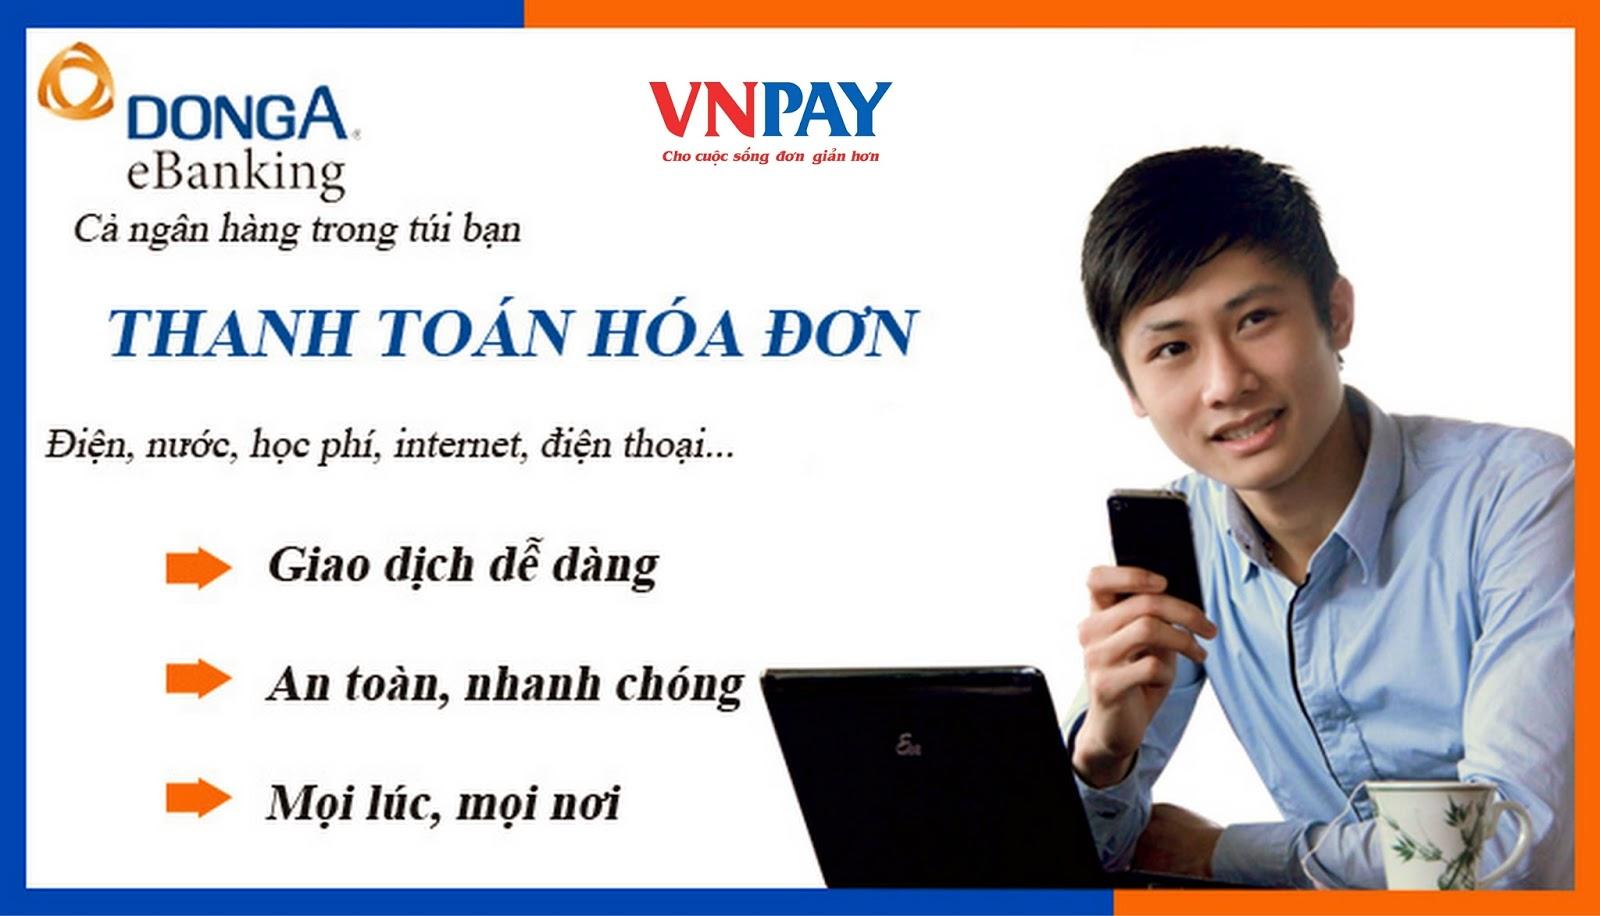 Cổng thanh toán trực tuyến _ 2